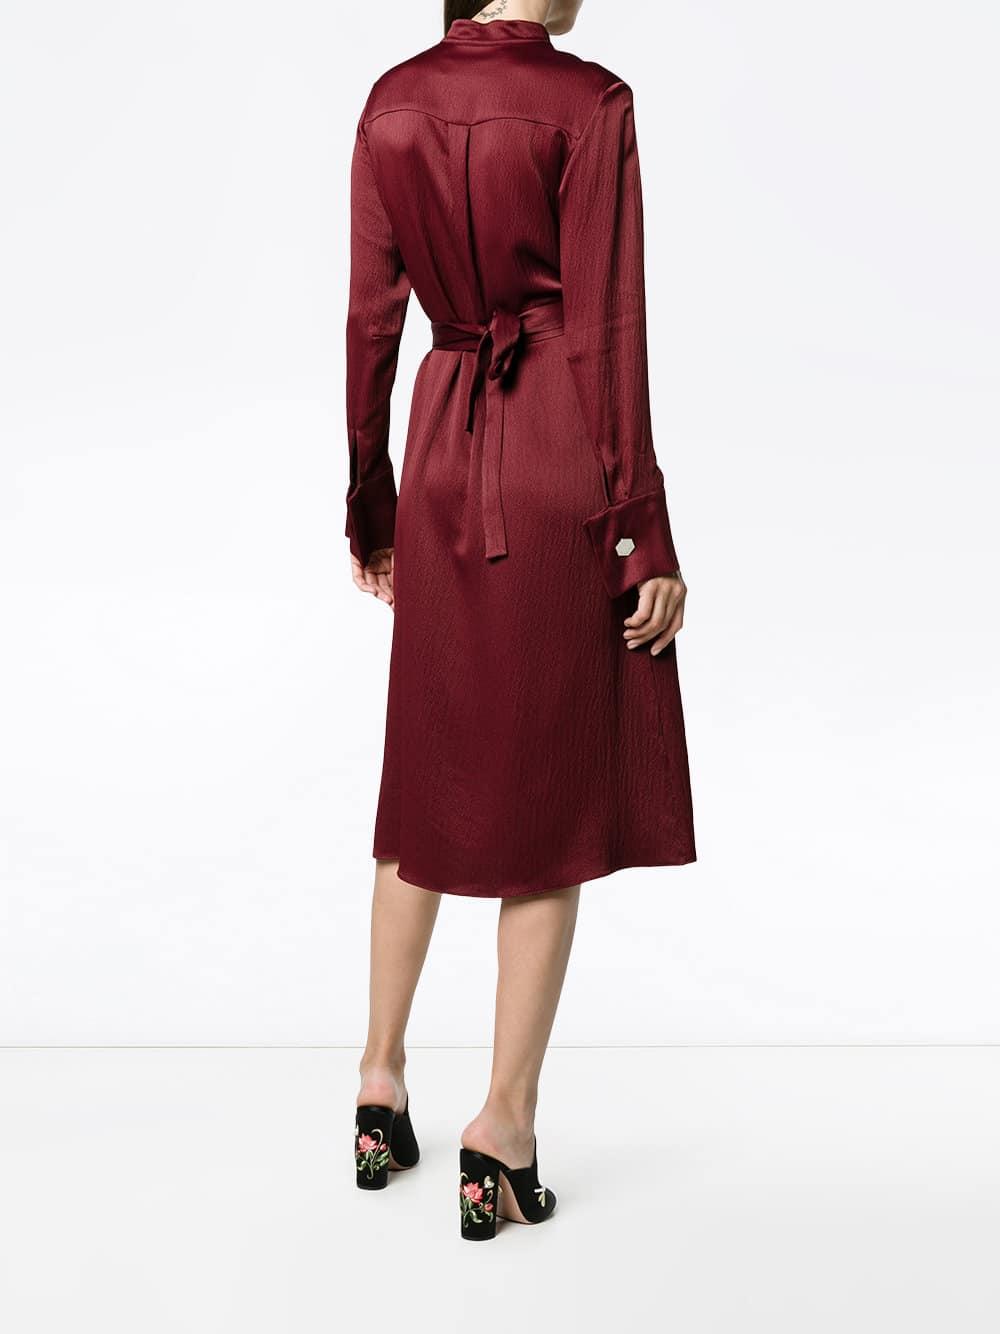 OSMAN Off Centre Button-up Burgundy Dress